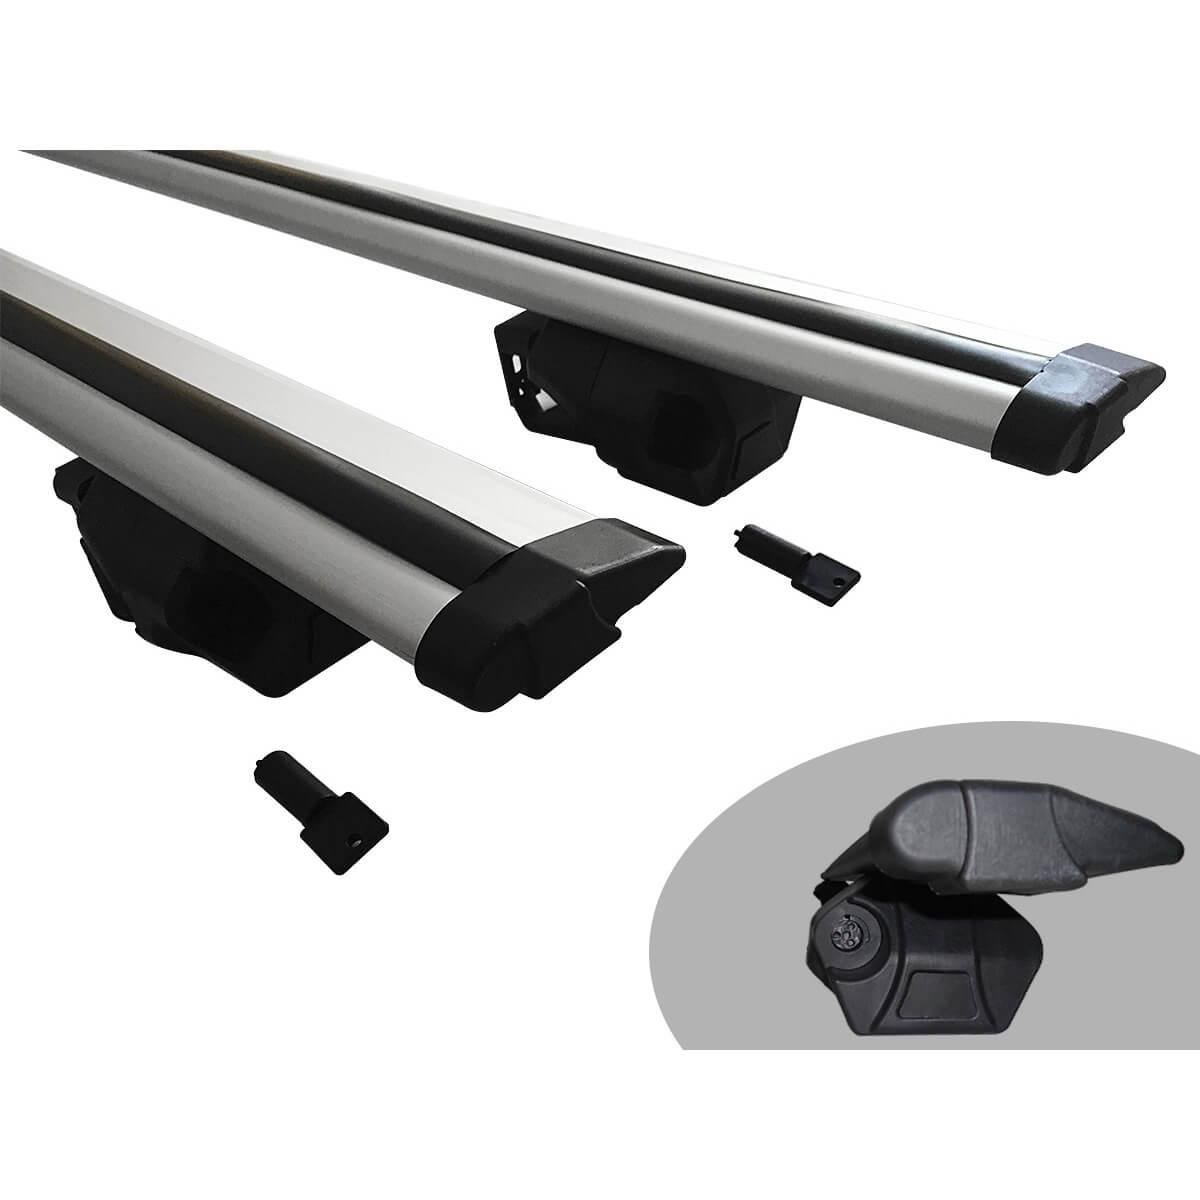 Travessa rack de teto Procargo Duster 2012 a 2015 com trava de segurança